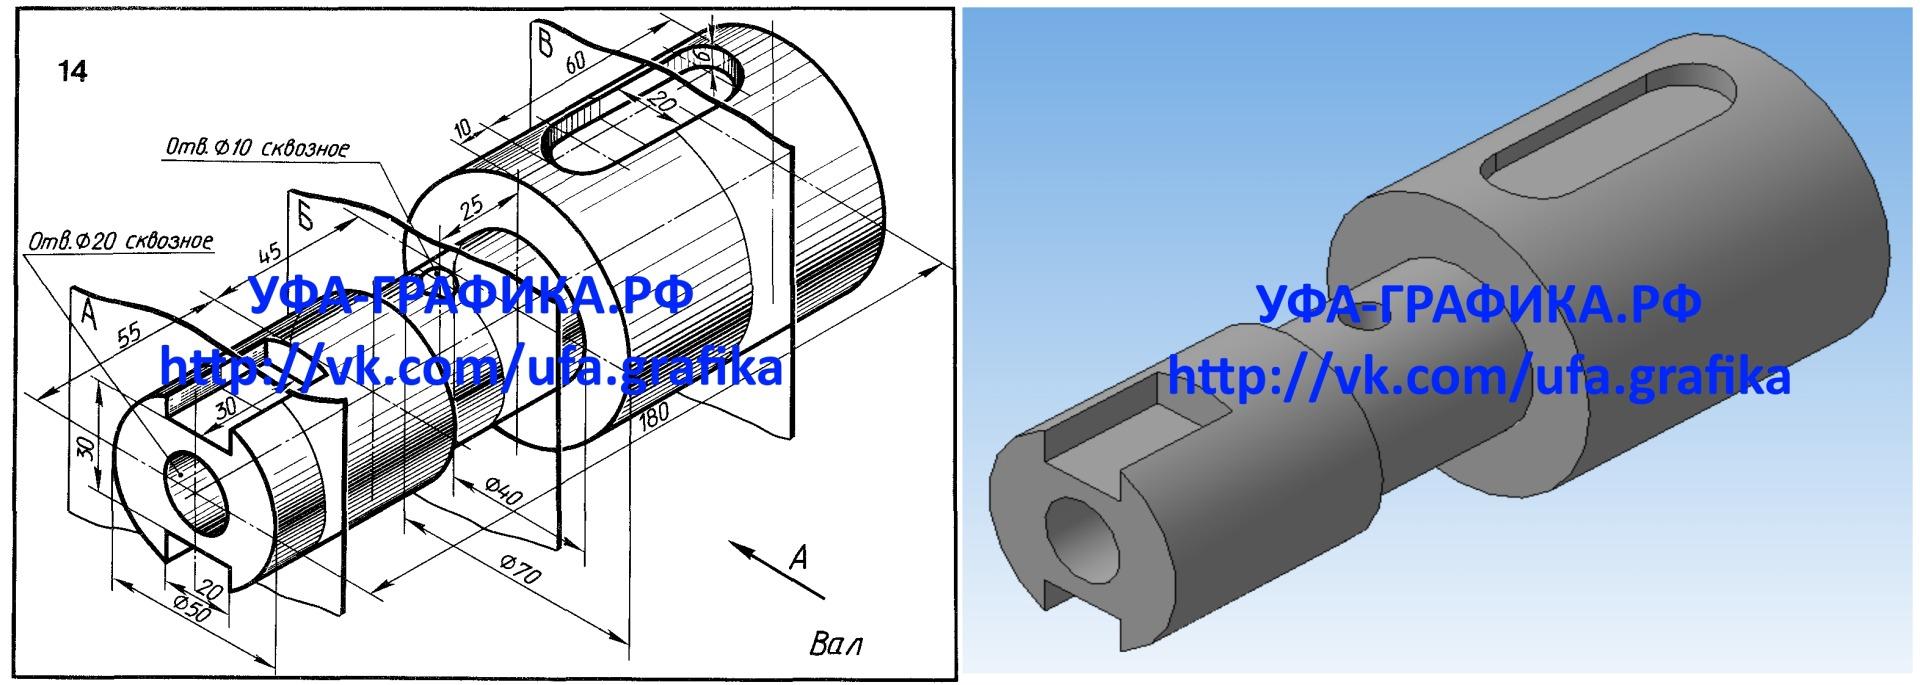 Сечения вала - Вариант 14, чертежи, деталирование, 3Д модели, начертательная геометрия, инженерная графика